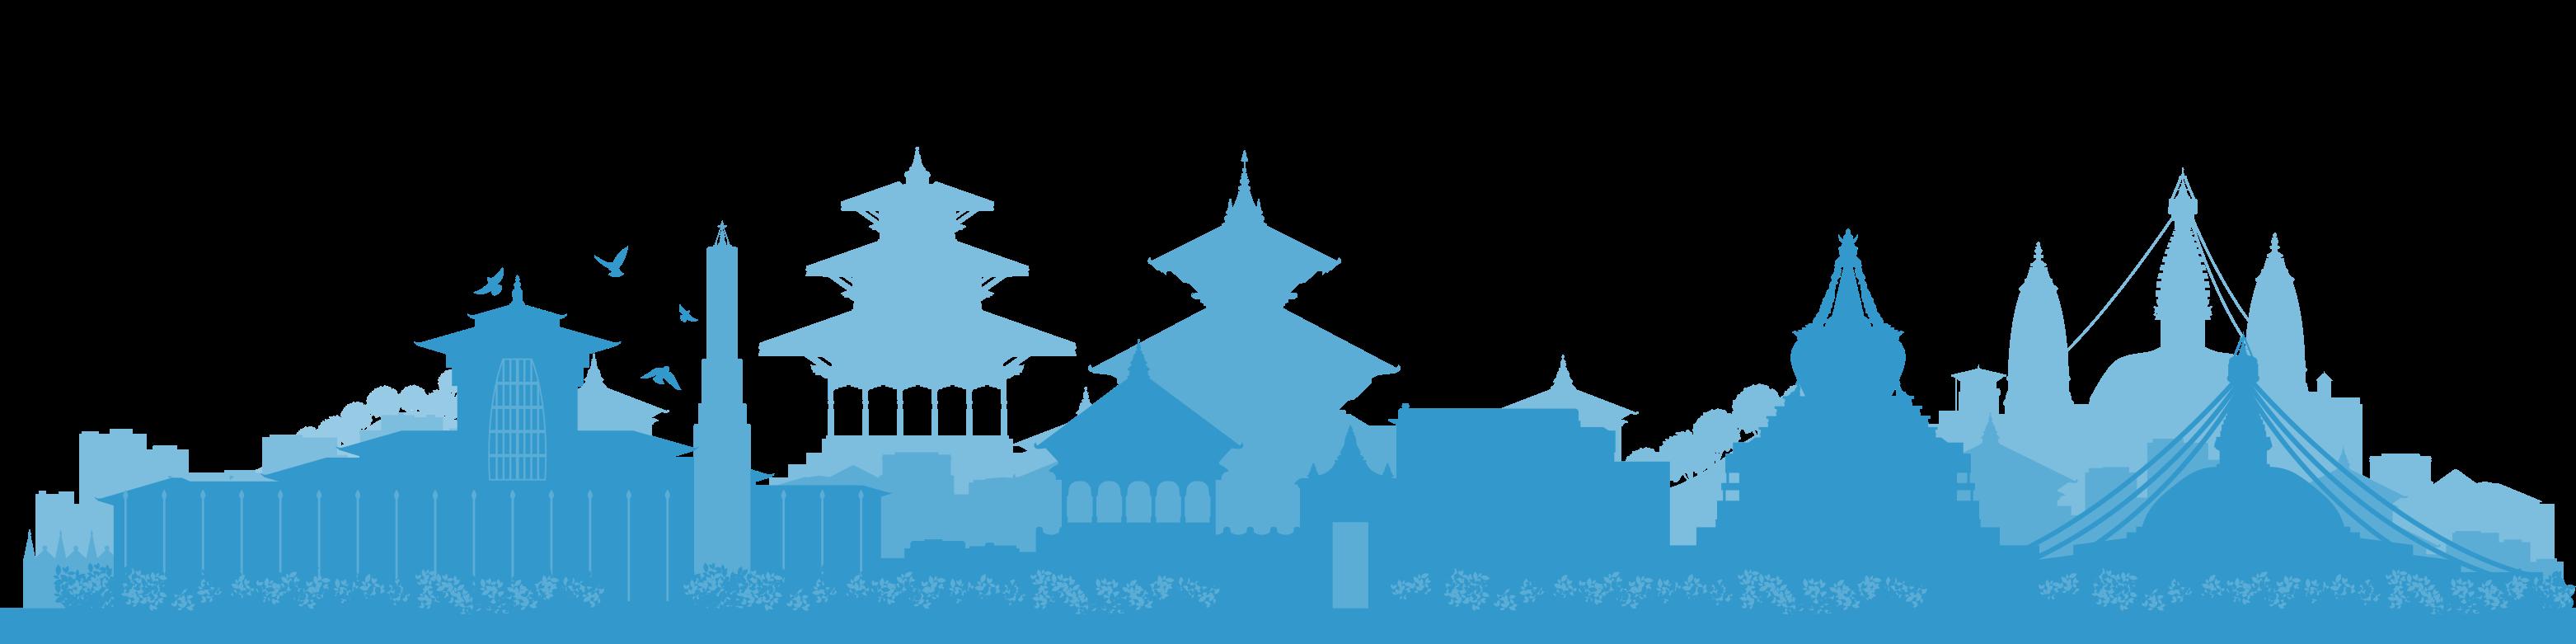 Reizen naar Nepal, Bhutan, China, India en Tibet